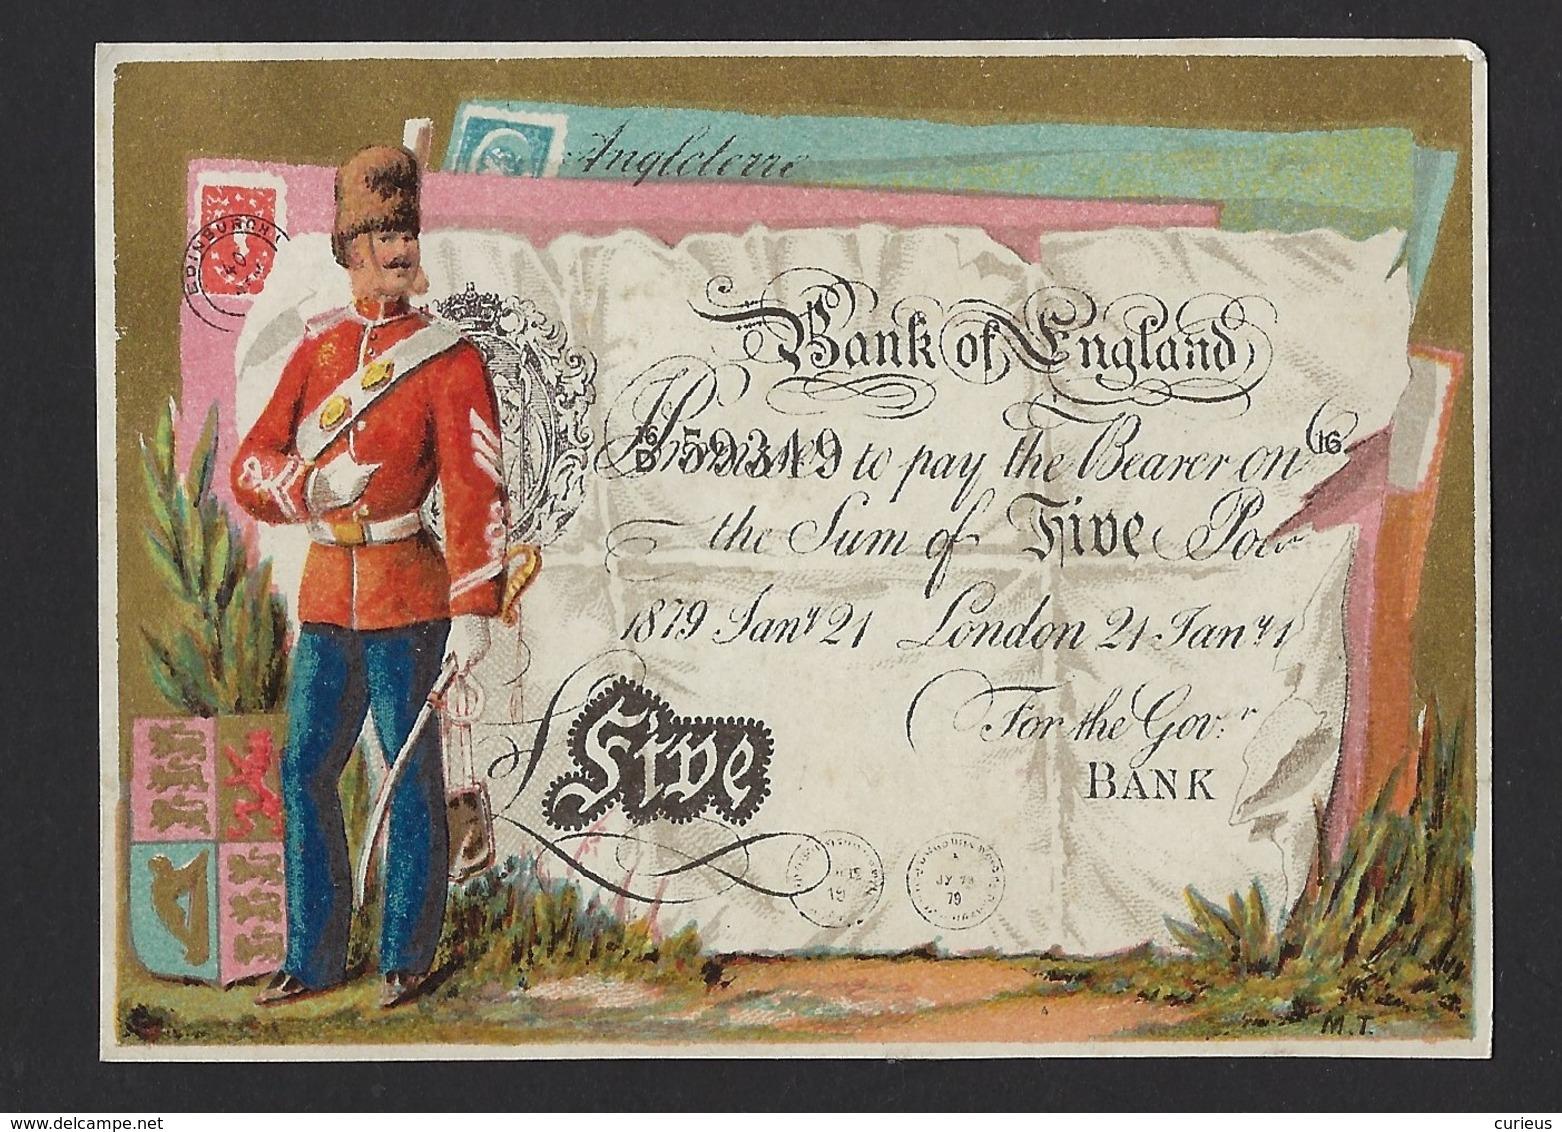 CHROMO * HIRSCH & CIE * BRUXELLES * SOLDAT ENGLAIS* ENGLISH SOLDIER * BANK OF ENGLAND * FIVE POUND NOTE * 10.5 X 8 CM - Autres